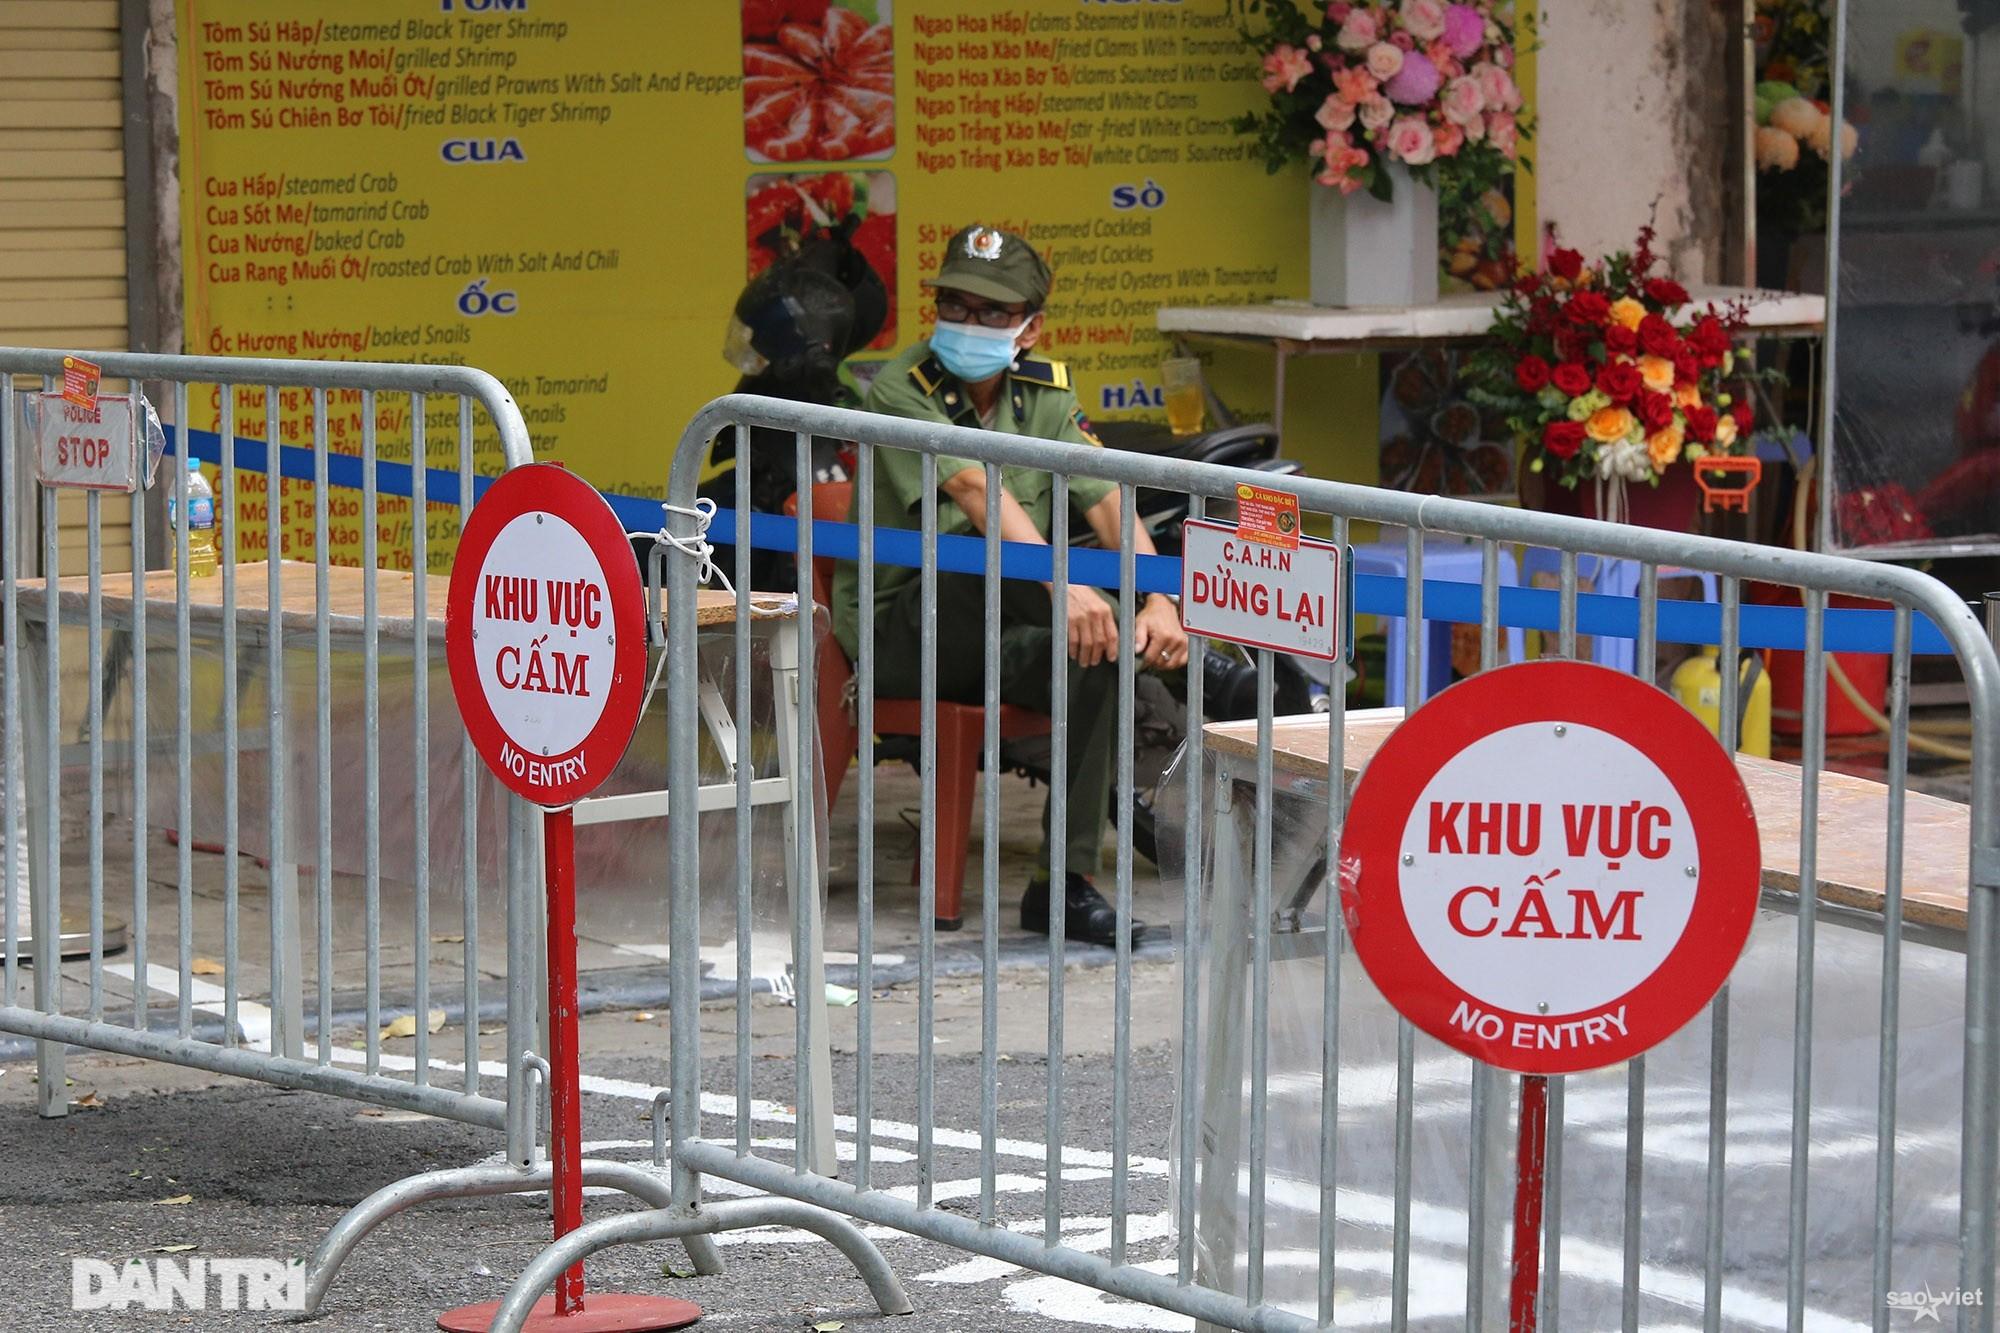 Mới lạ cảnh mua bán bằng ám hiệu ngón tay ở chợ nhà giàu phố cổ Hà Nội - 11